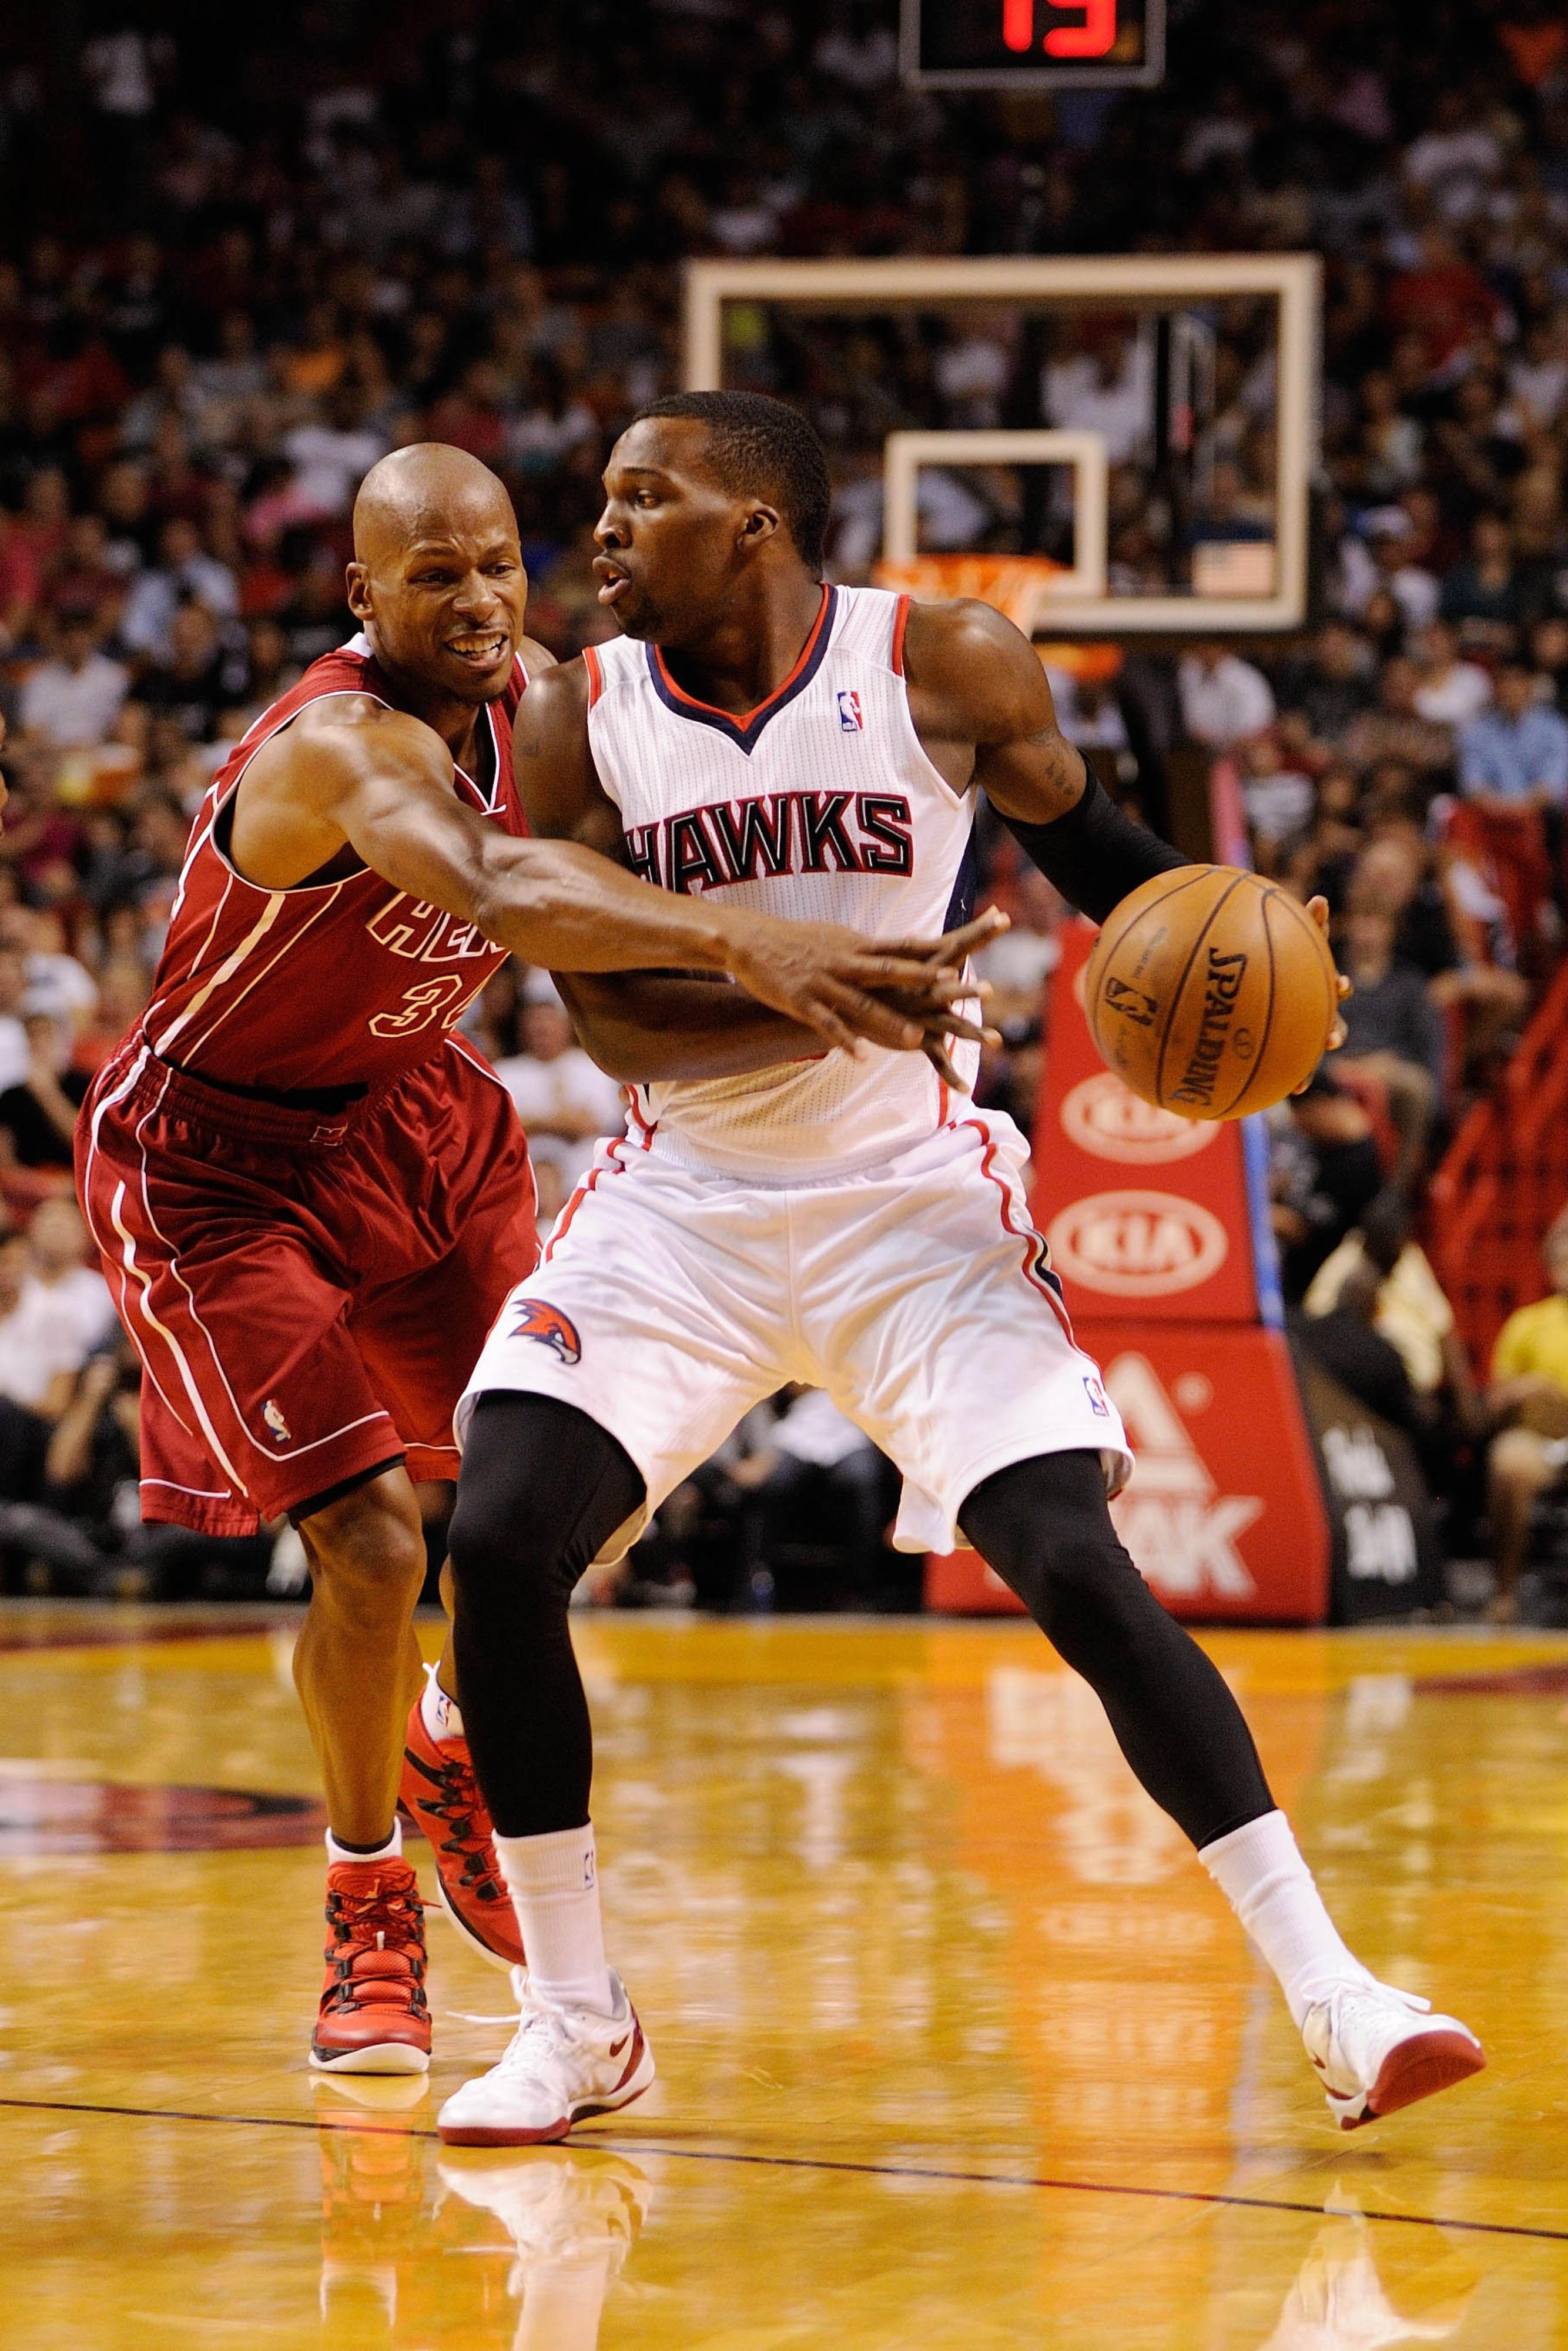 Hawks vs. Heat final score: Heat come back in regulation, hold off Hawks in OT